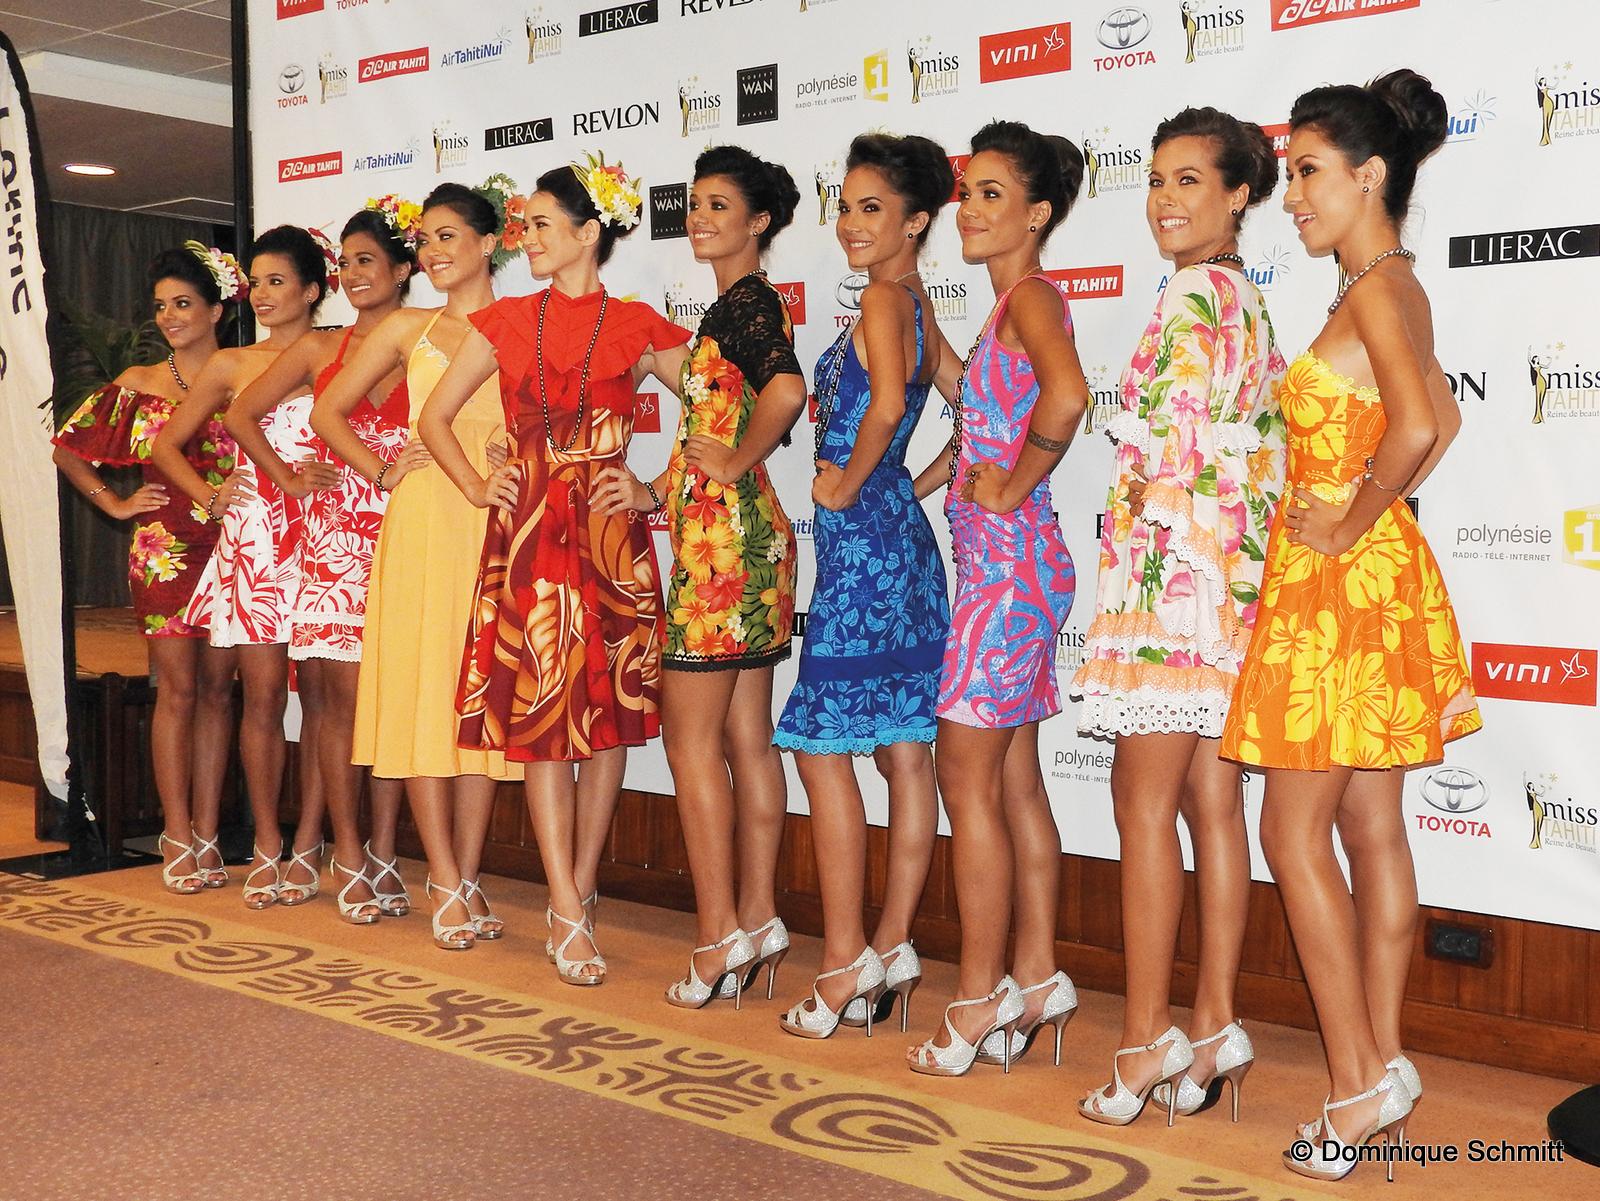 Les dix candidates ont été présentées officiellement par le comité Miss Tahiti. Vous pouvez voter dès à présent pour votre vahine préférée.